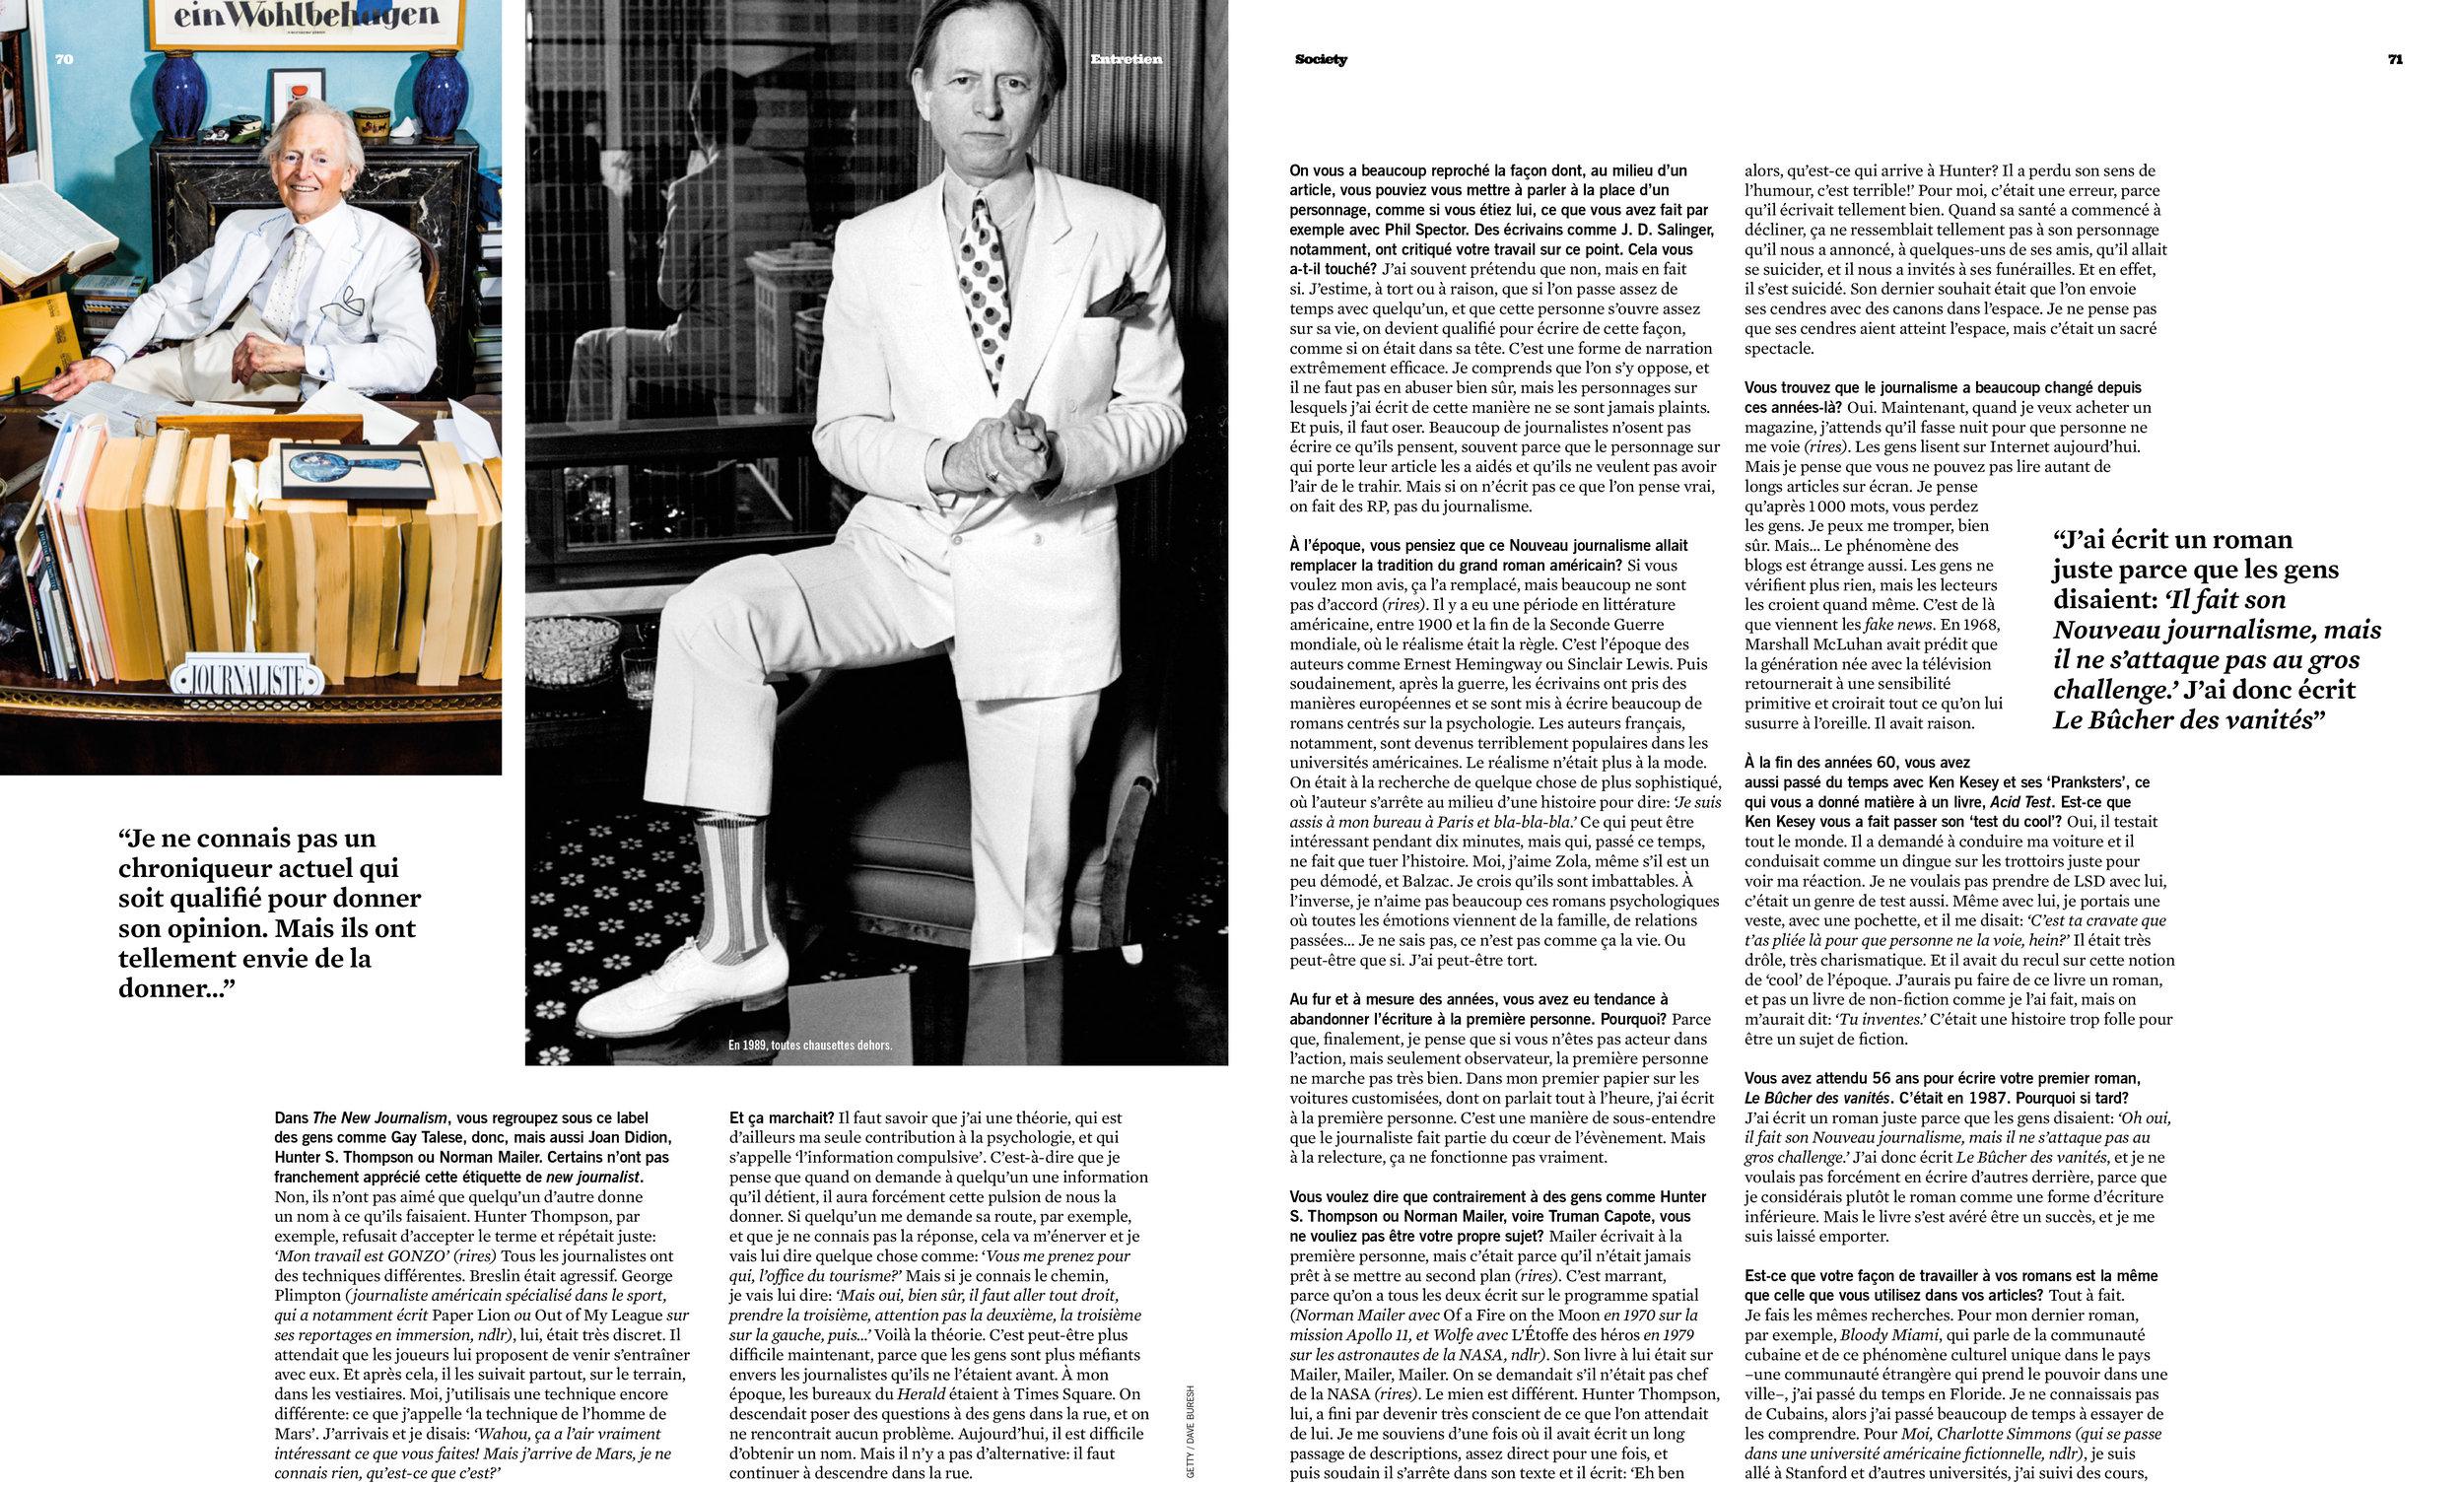 Tom Wolfe for Society Magazine